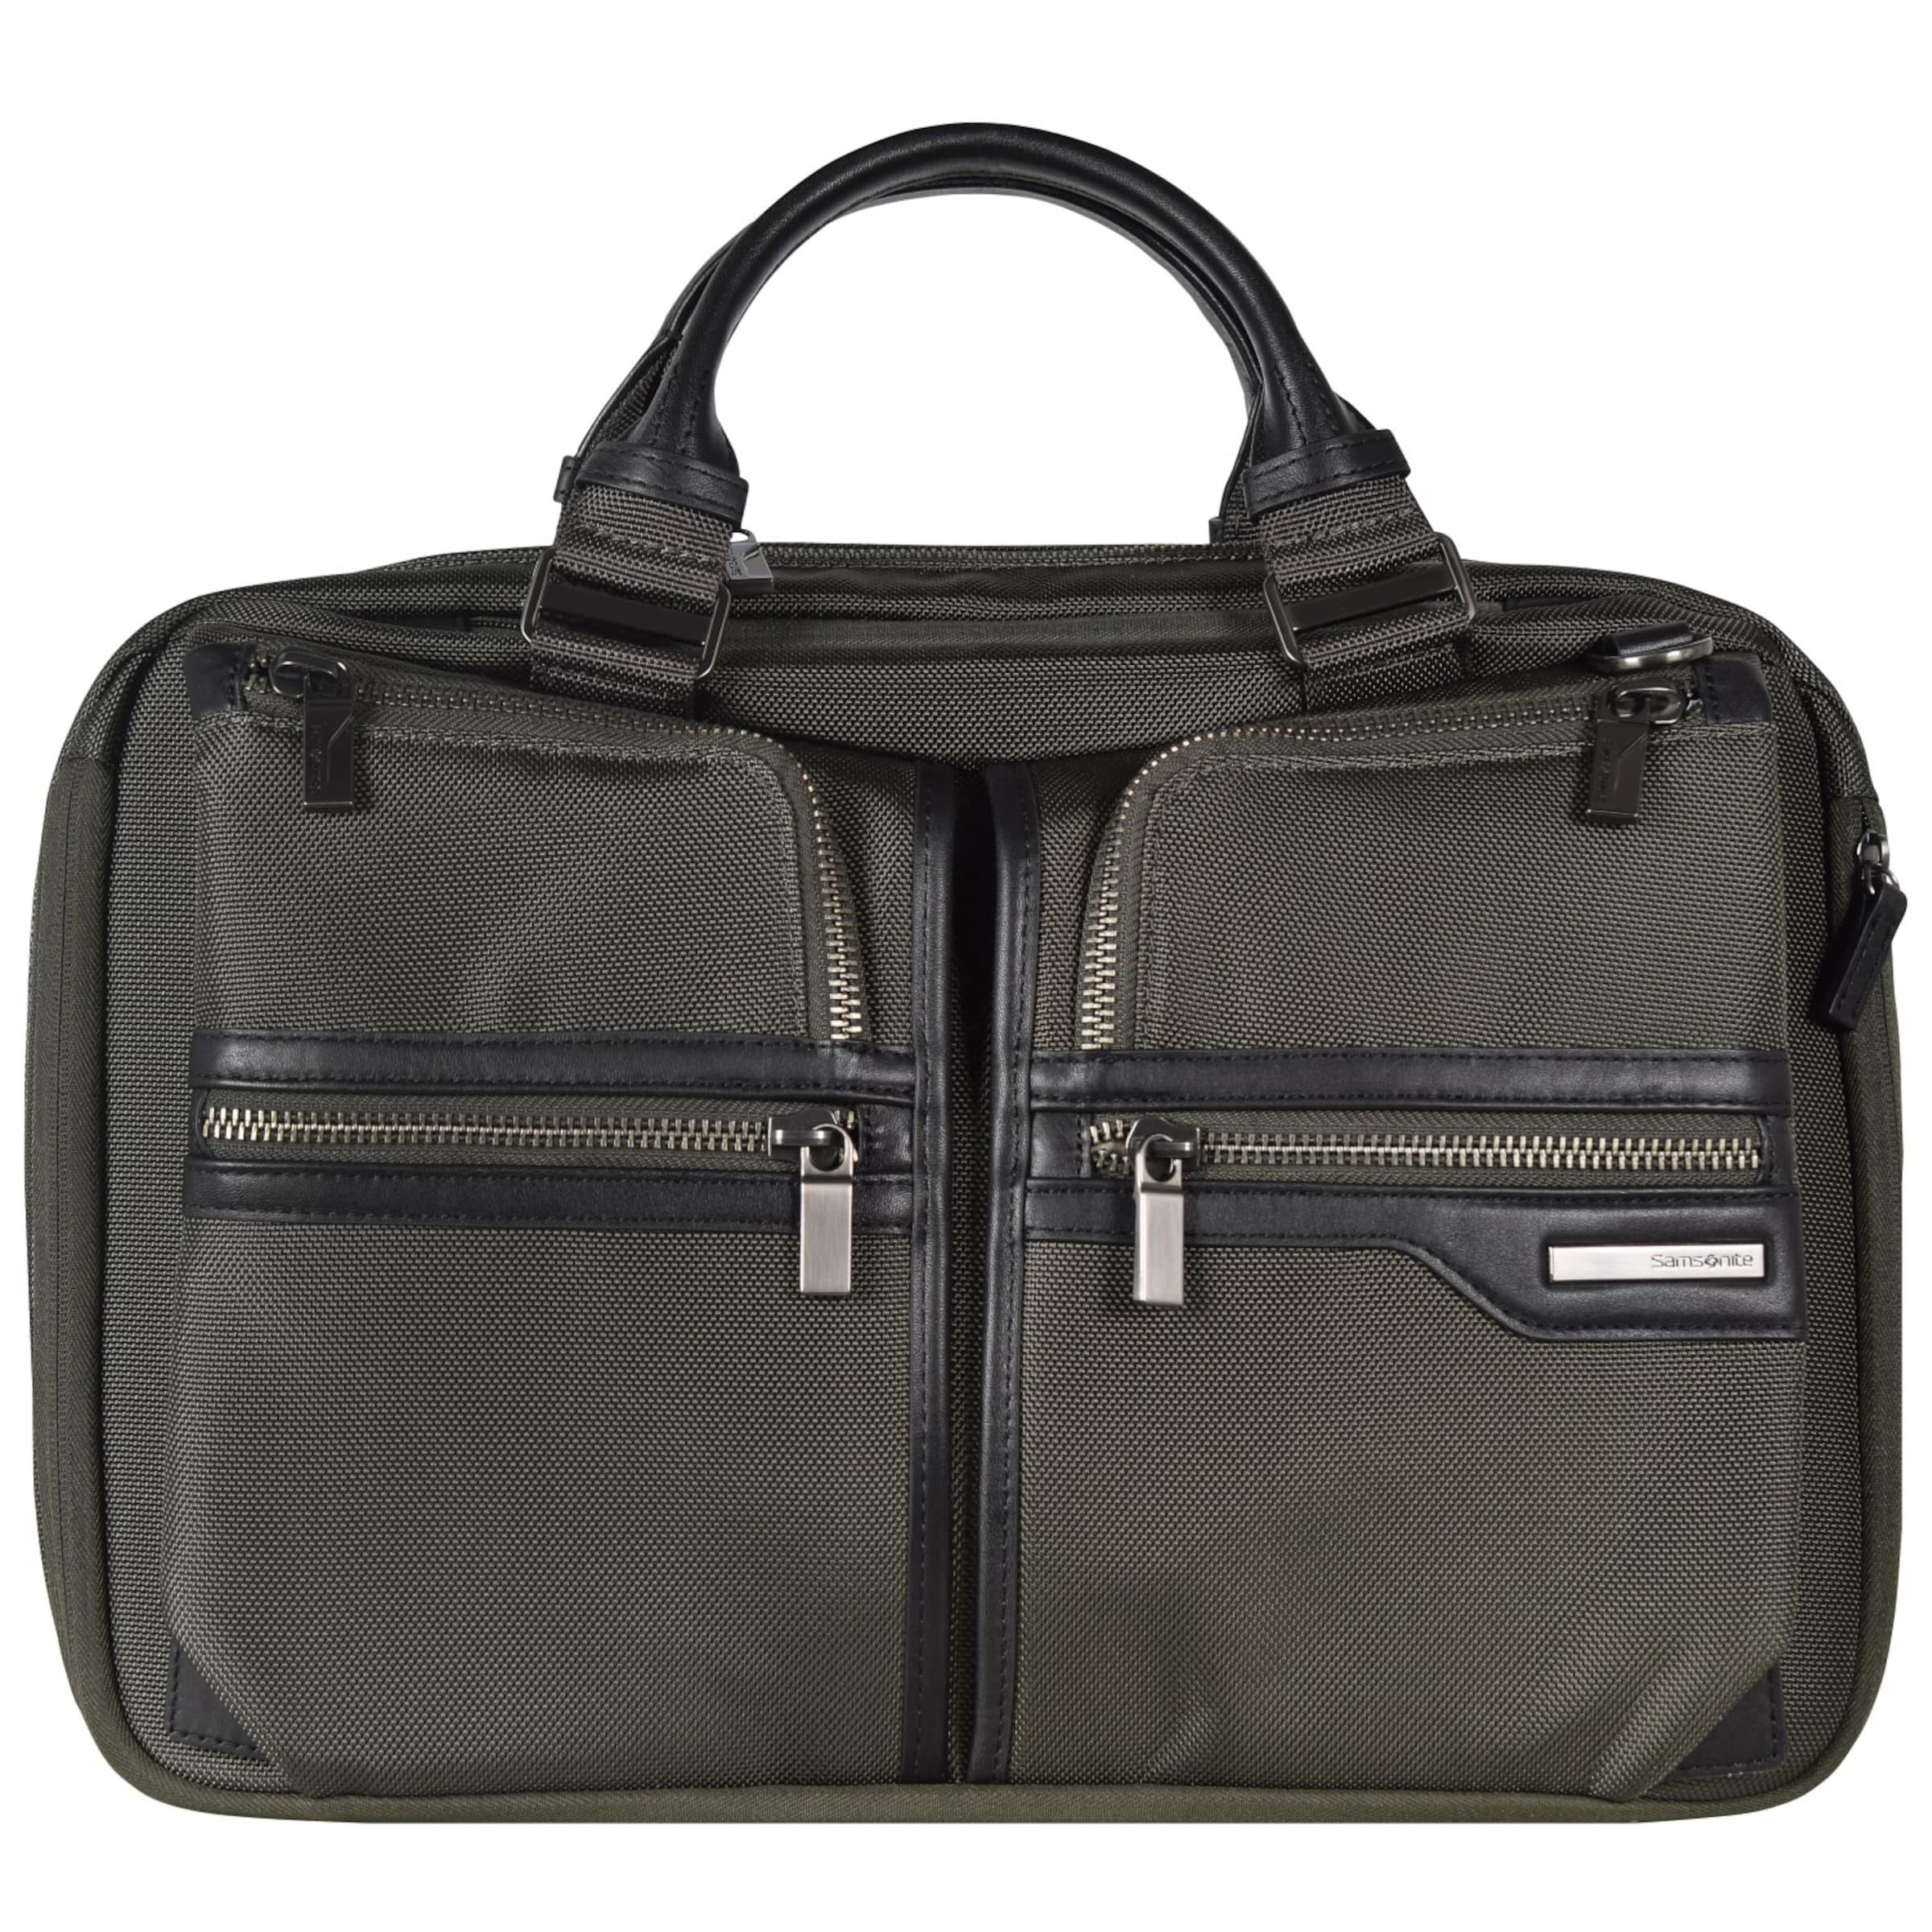 SAMSONITE GT Supreme Aktentasche 43 cm Laptopfach Fabrikverkauf Günstiger Preis qfy32xQyln